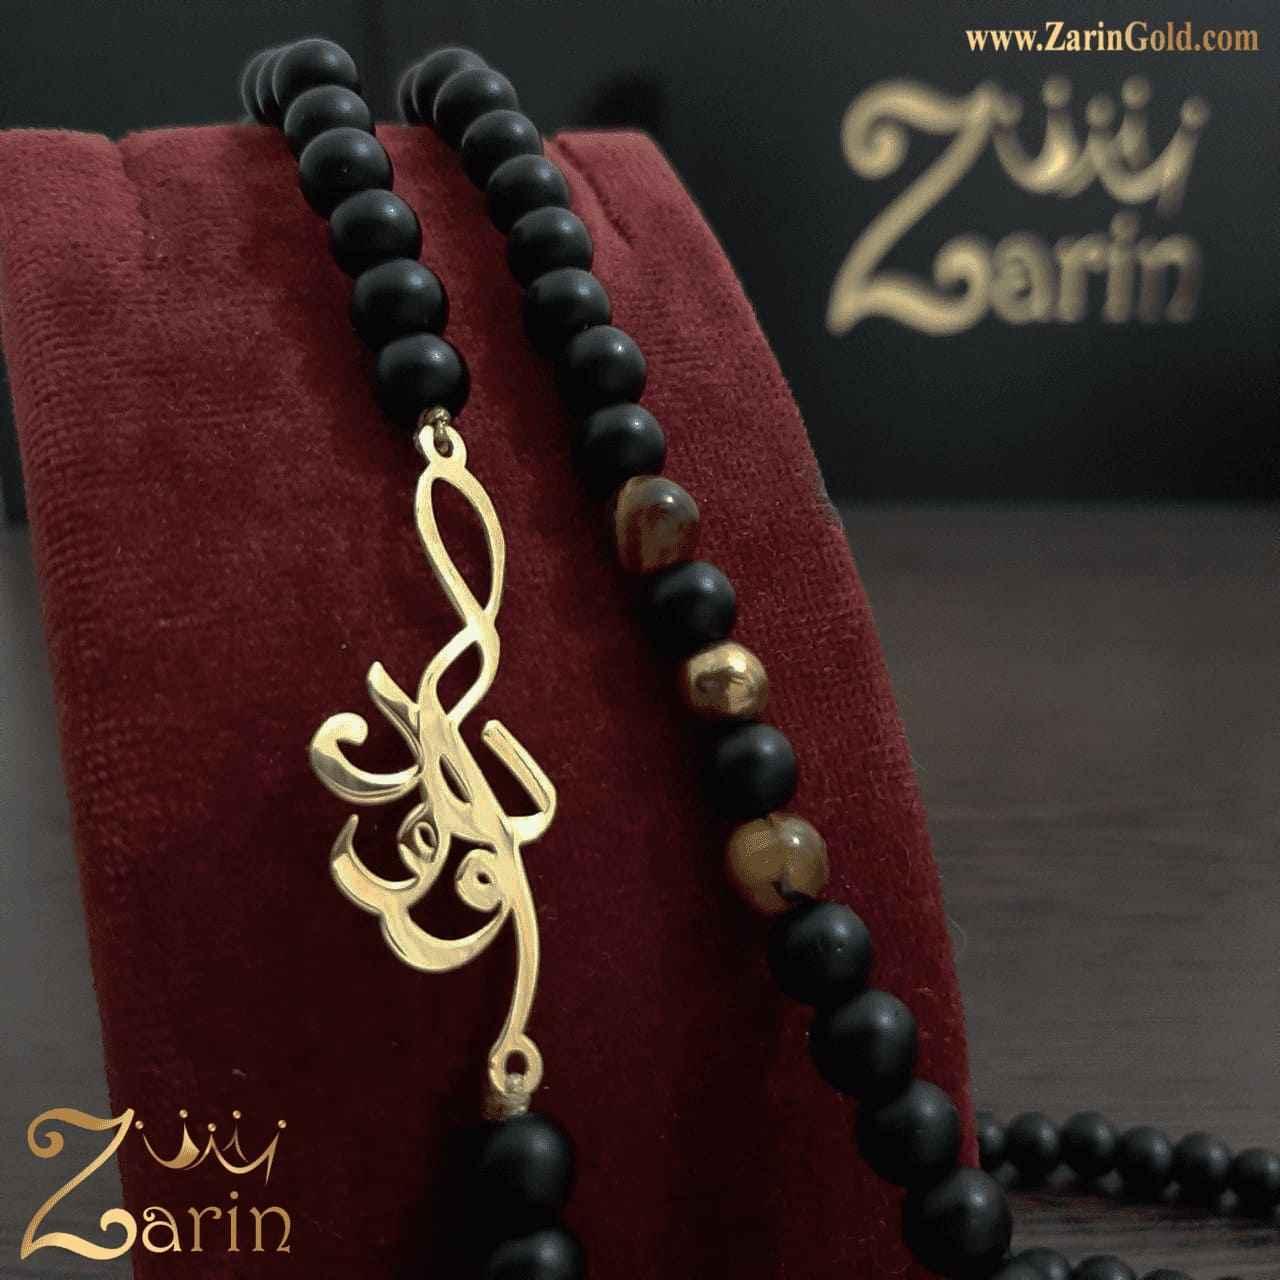 پلاک طلا اسم فارسی داوود با سنگ